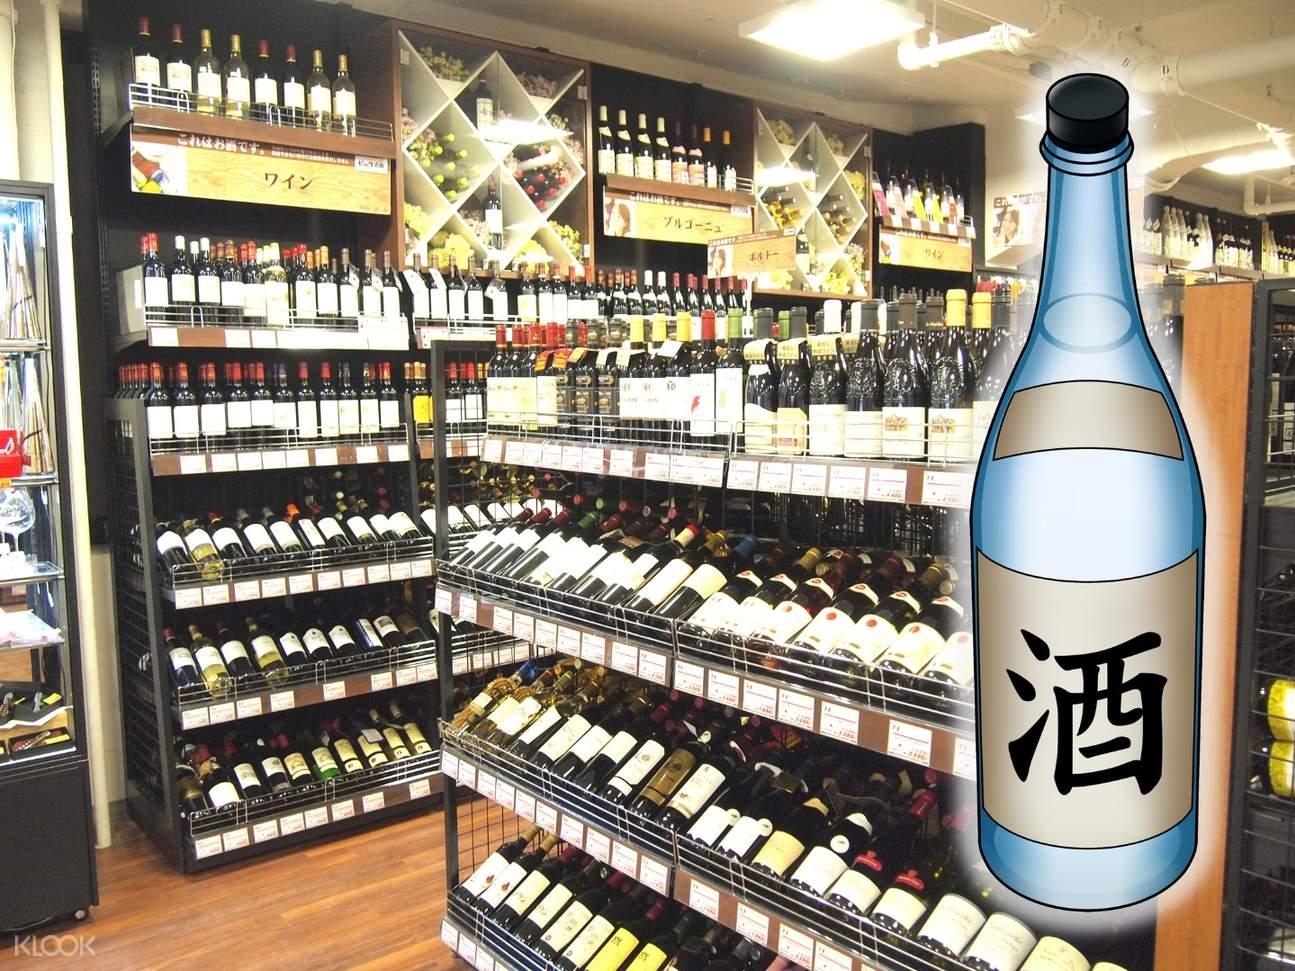 bic camera sake discount